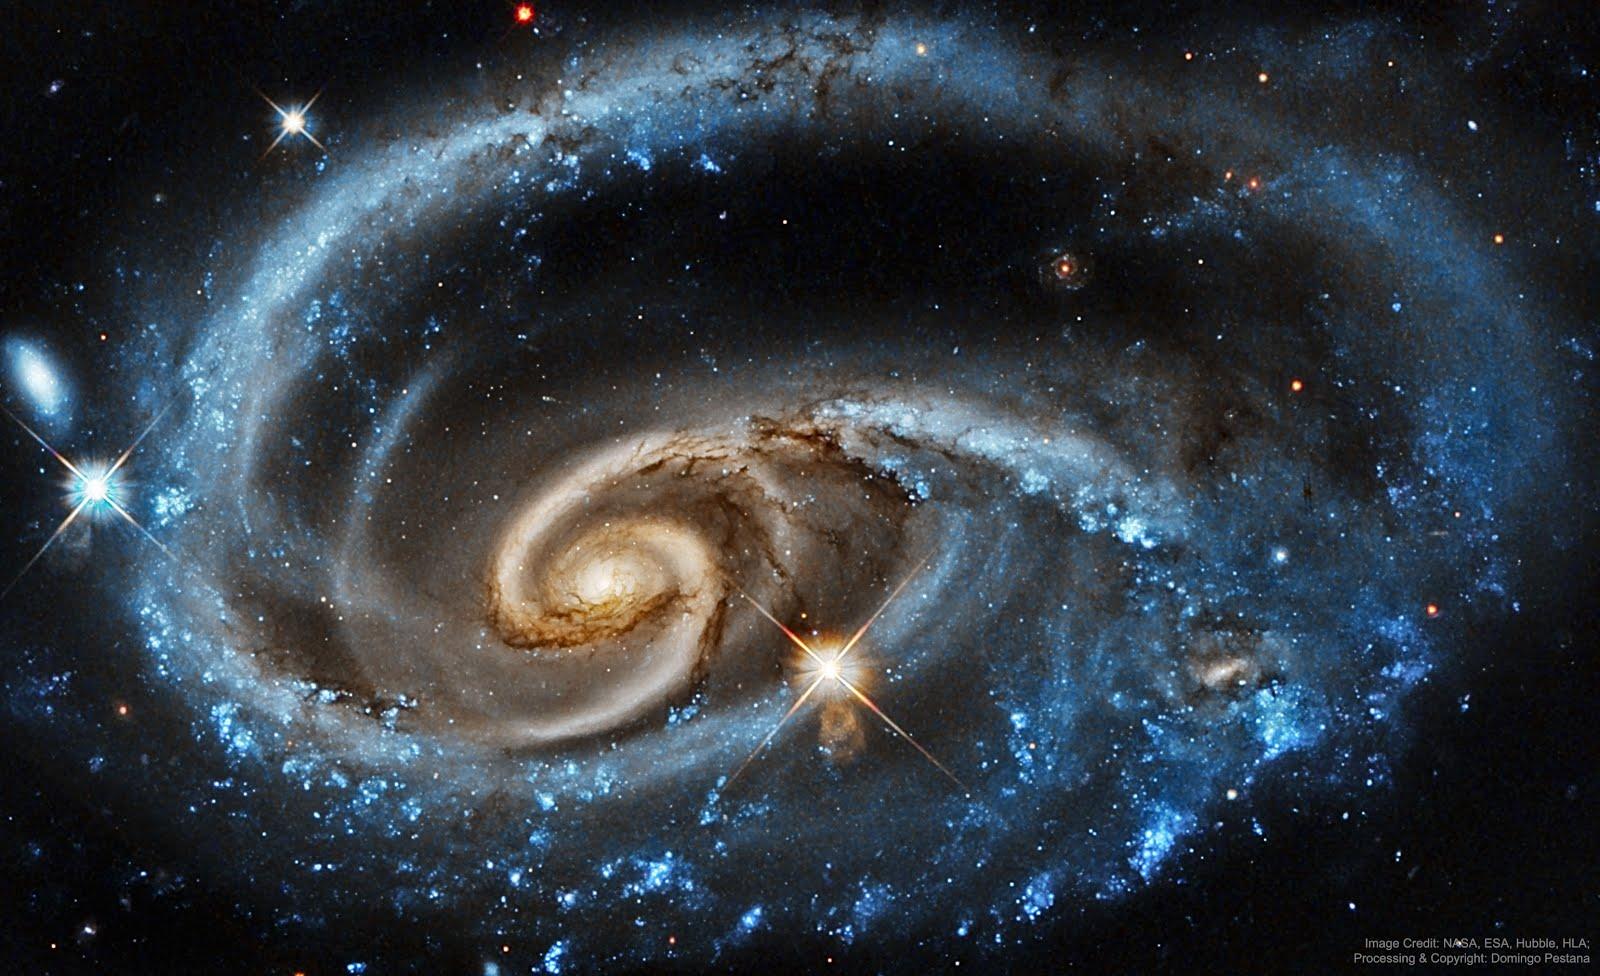 Galáxia UGC 1810,  a 300 milhões/kms da Constelação de Andrômeda.